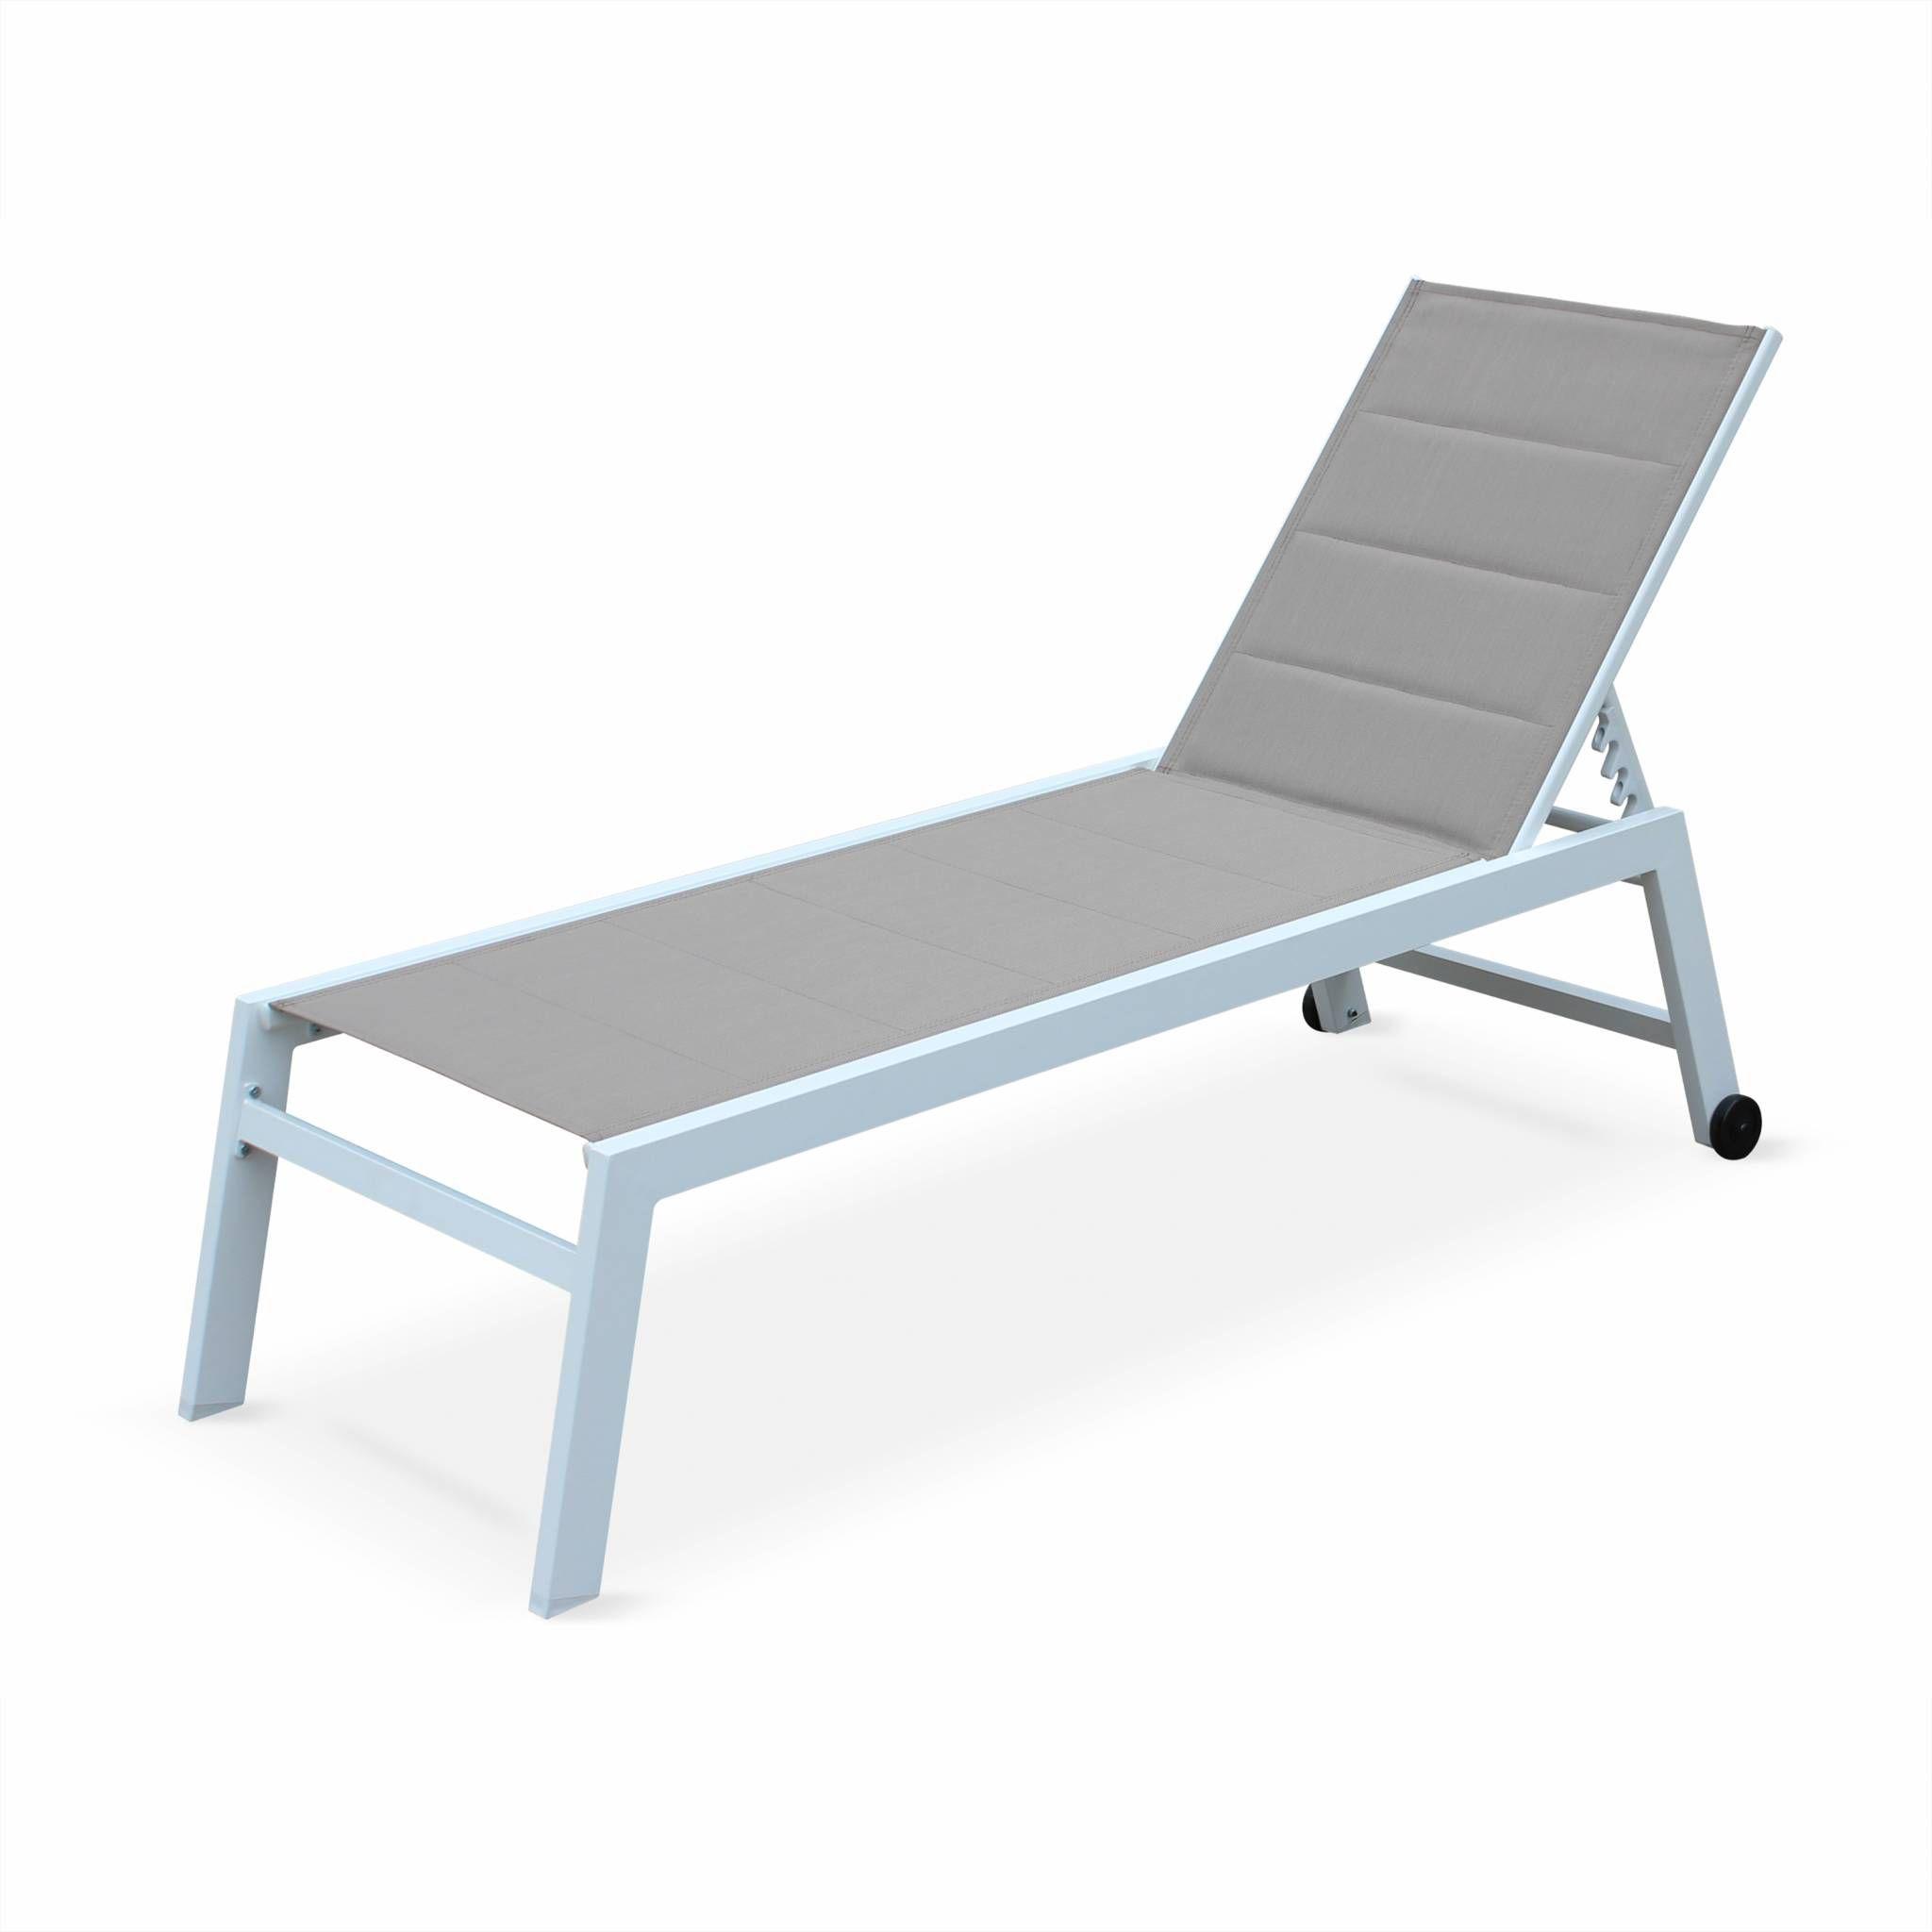 bains de soleil Solis en textilène matelassé taupe et structure blanche, transats 6 positions, lounge